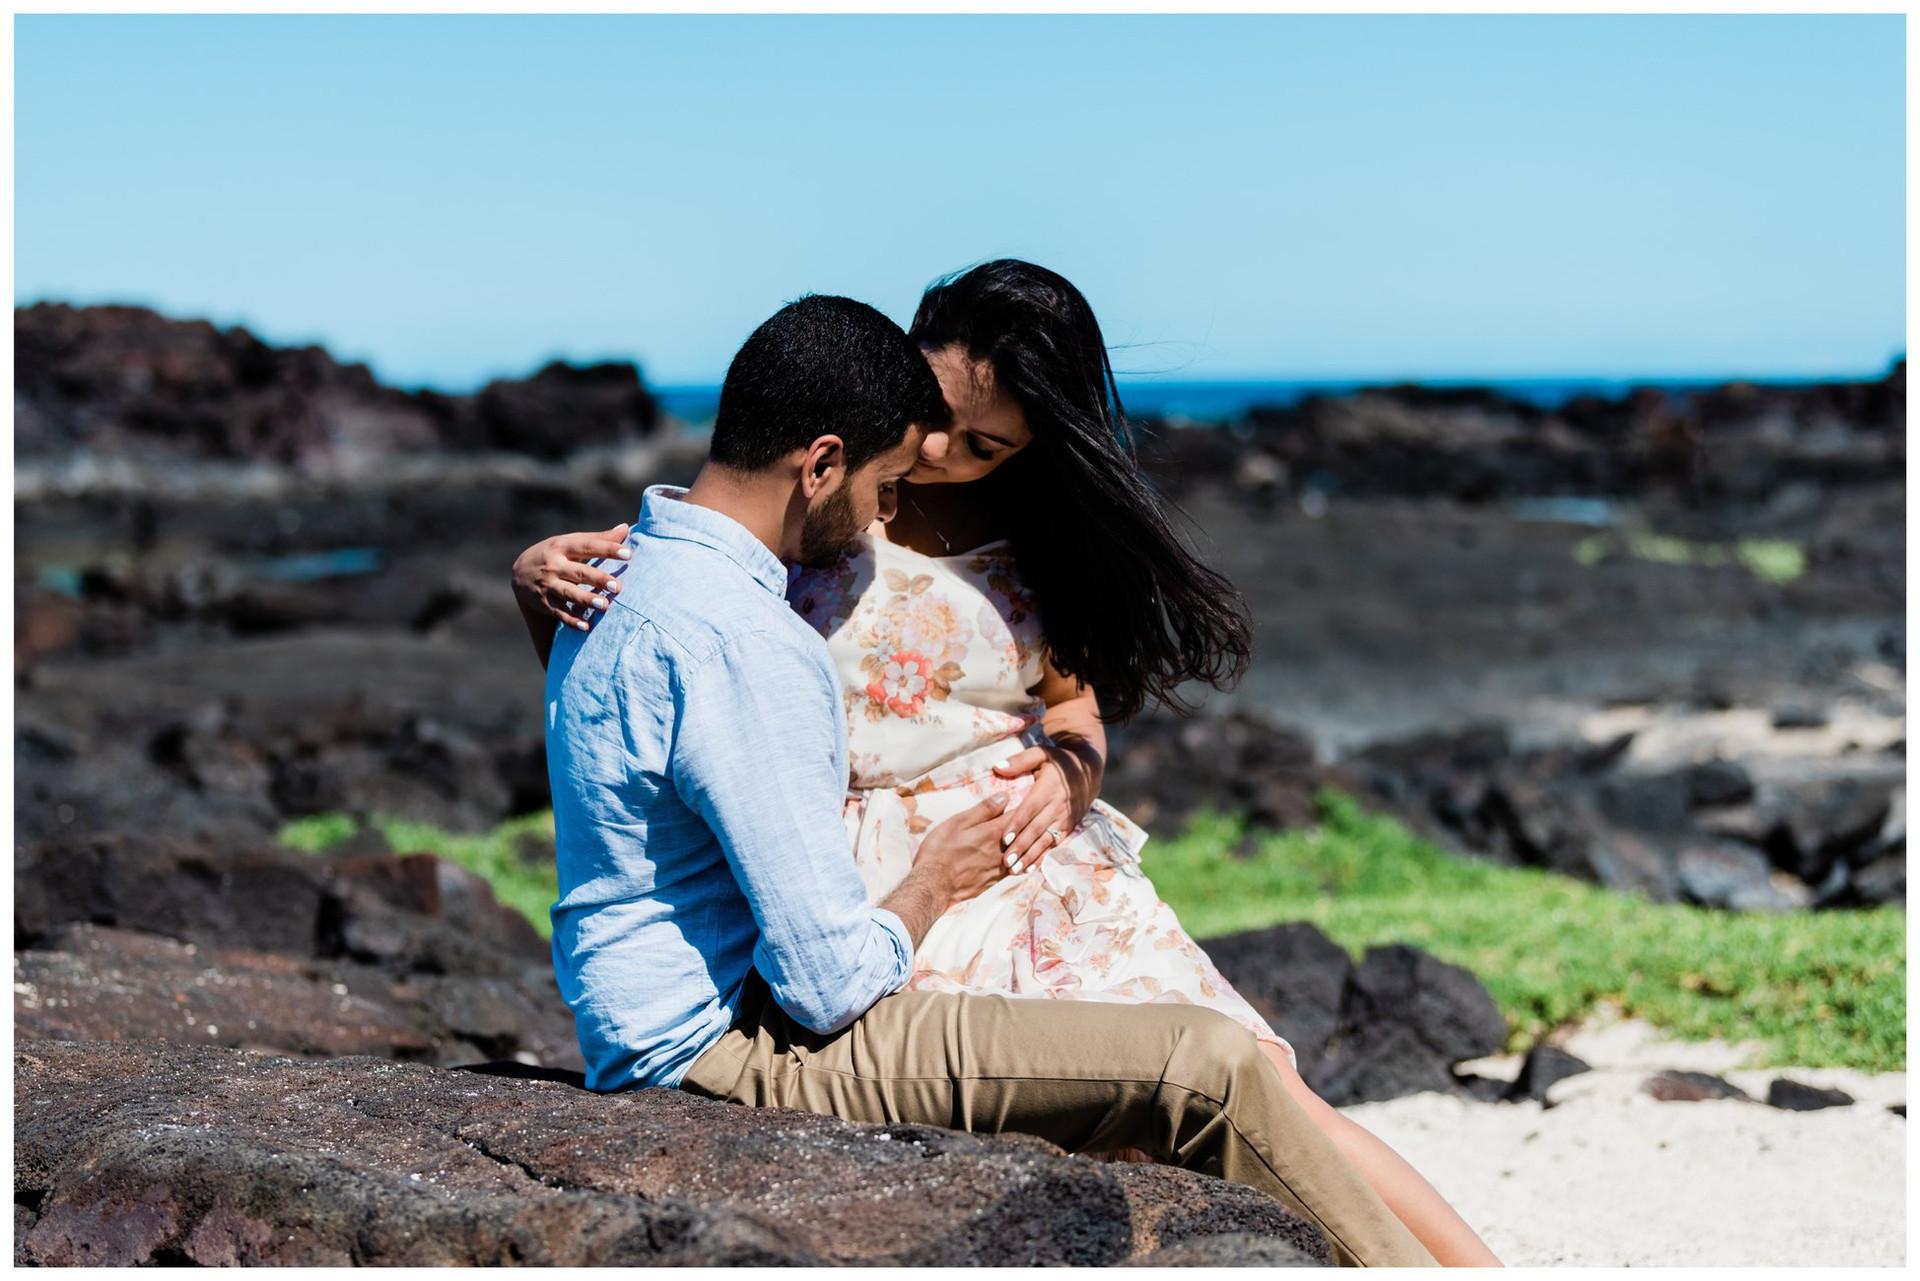 Hawaii Babymoon Photography 2.jpg